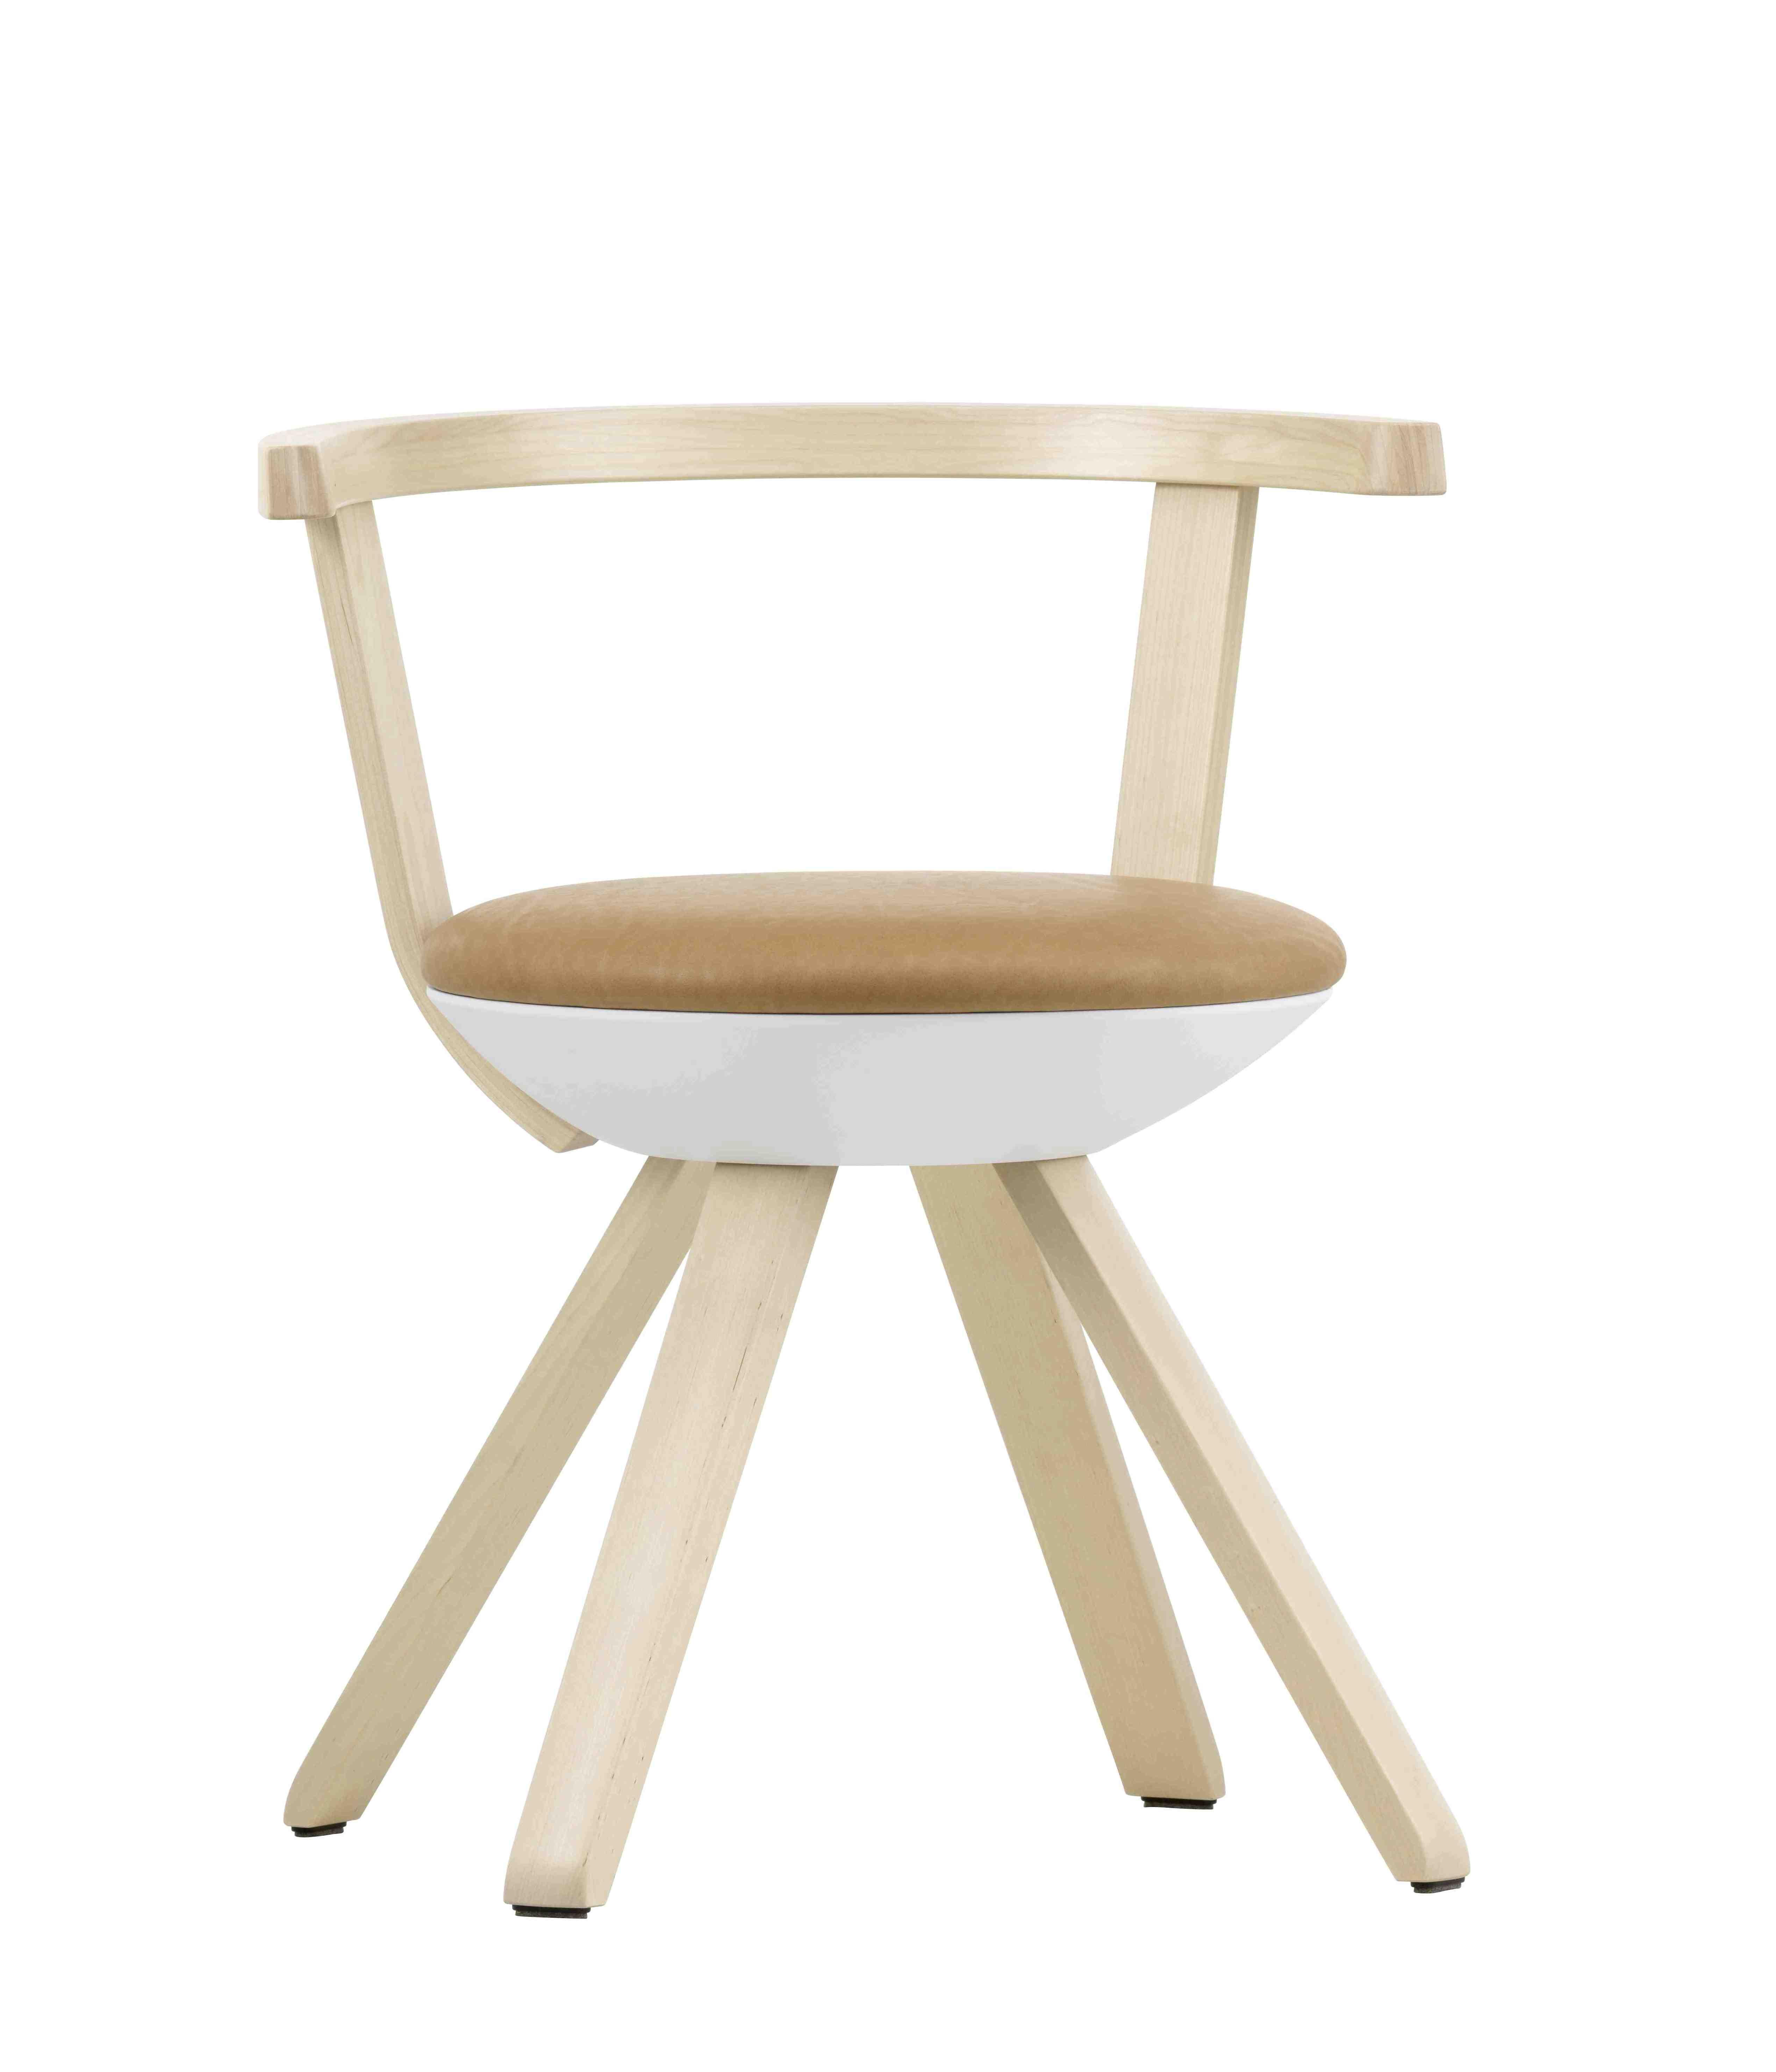 Rival Chair, design di Konstantin Grcic per Artek